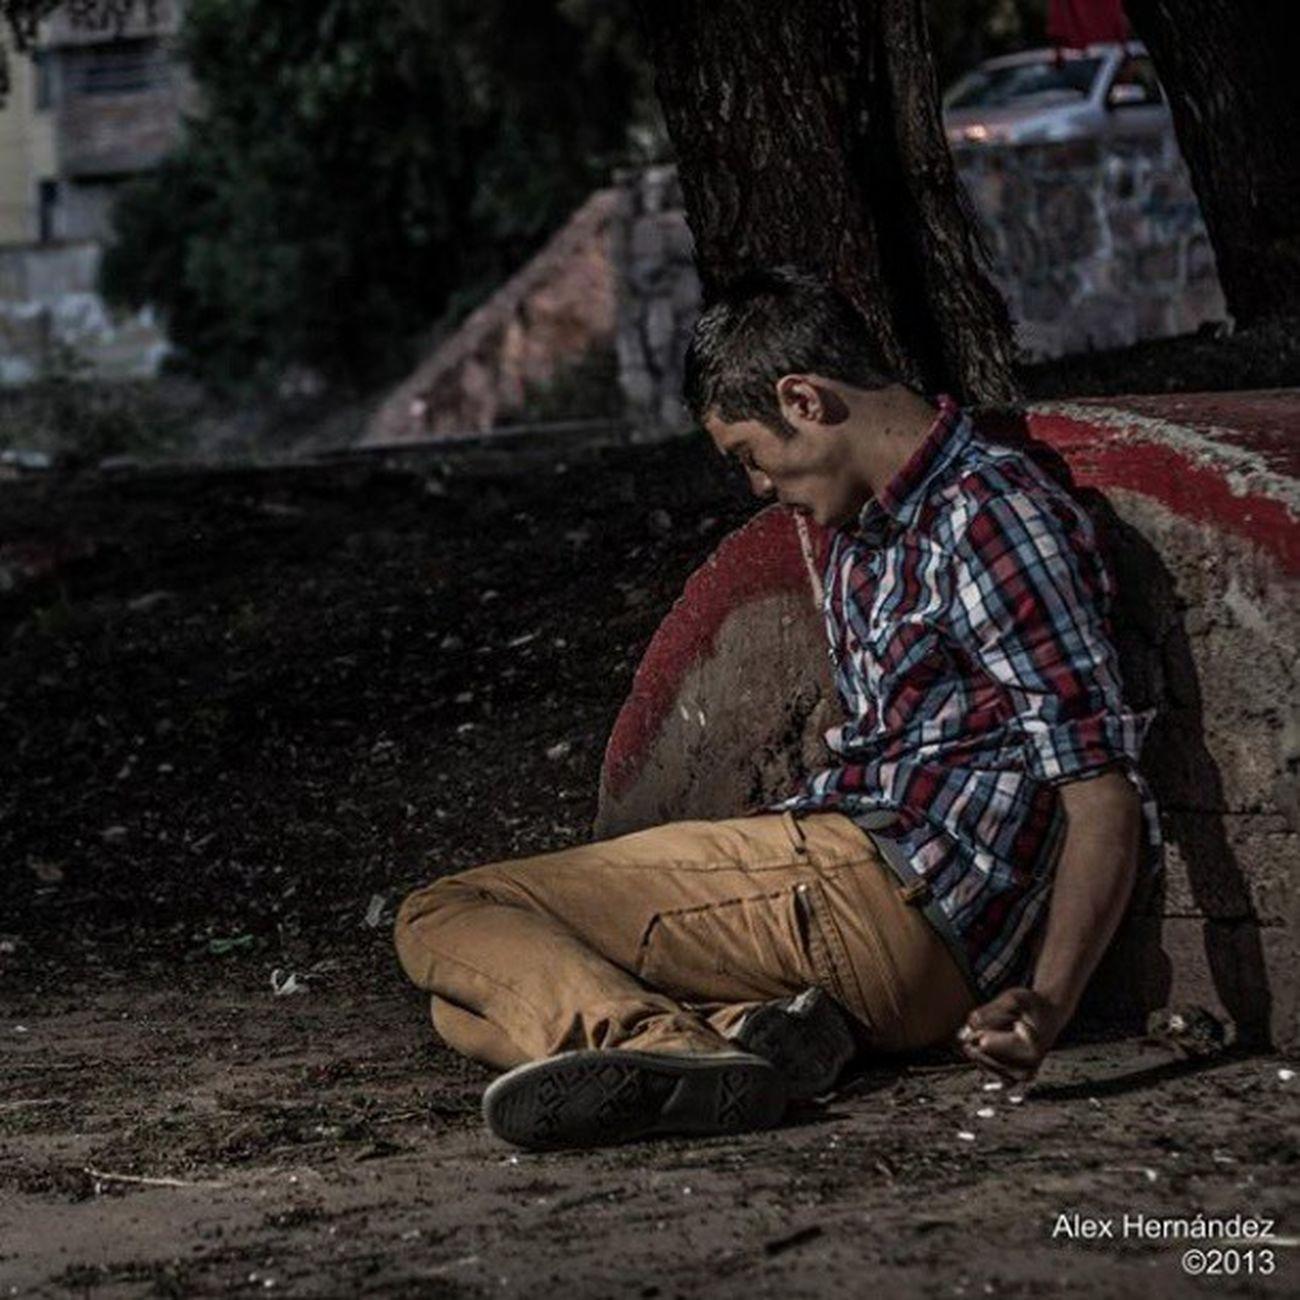 78/365 Ahfotografia 365project ByAlexHernández Photography MyArt